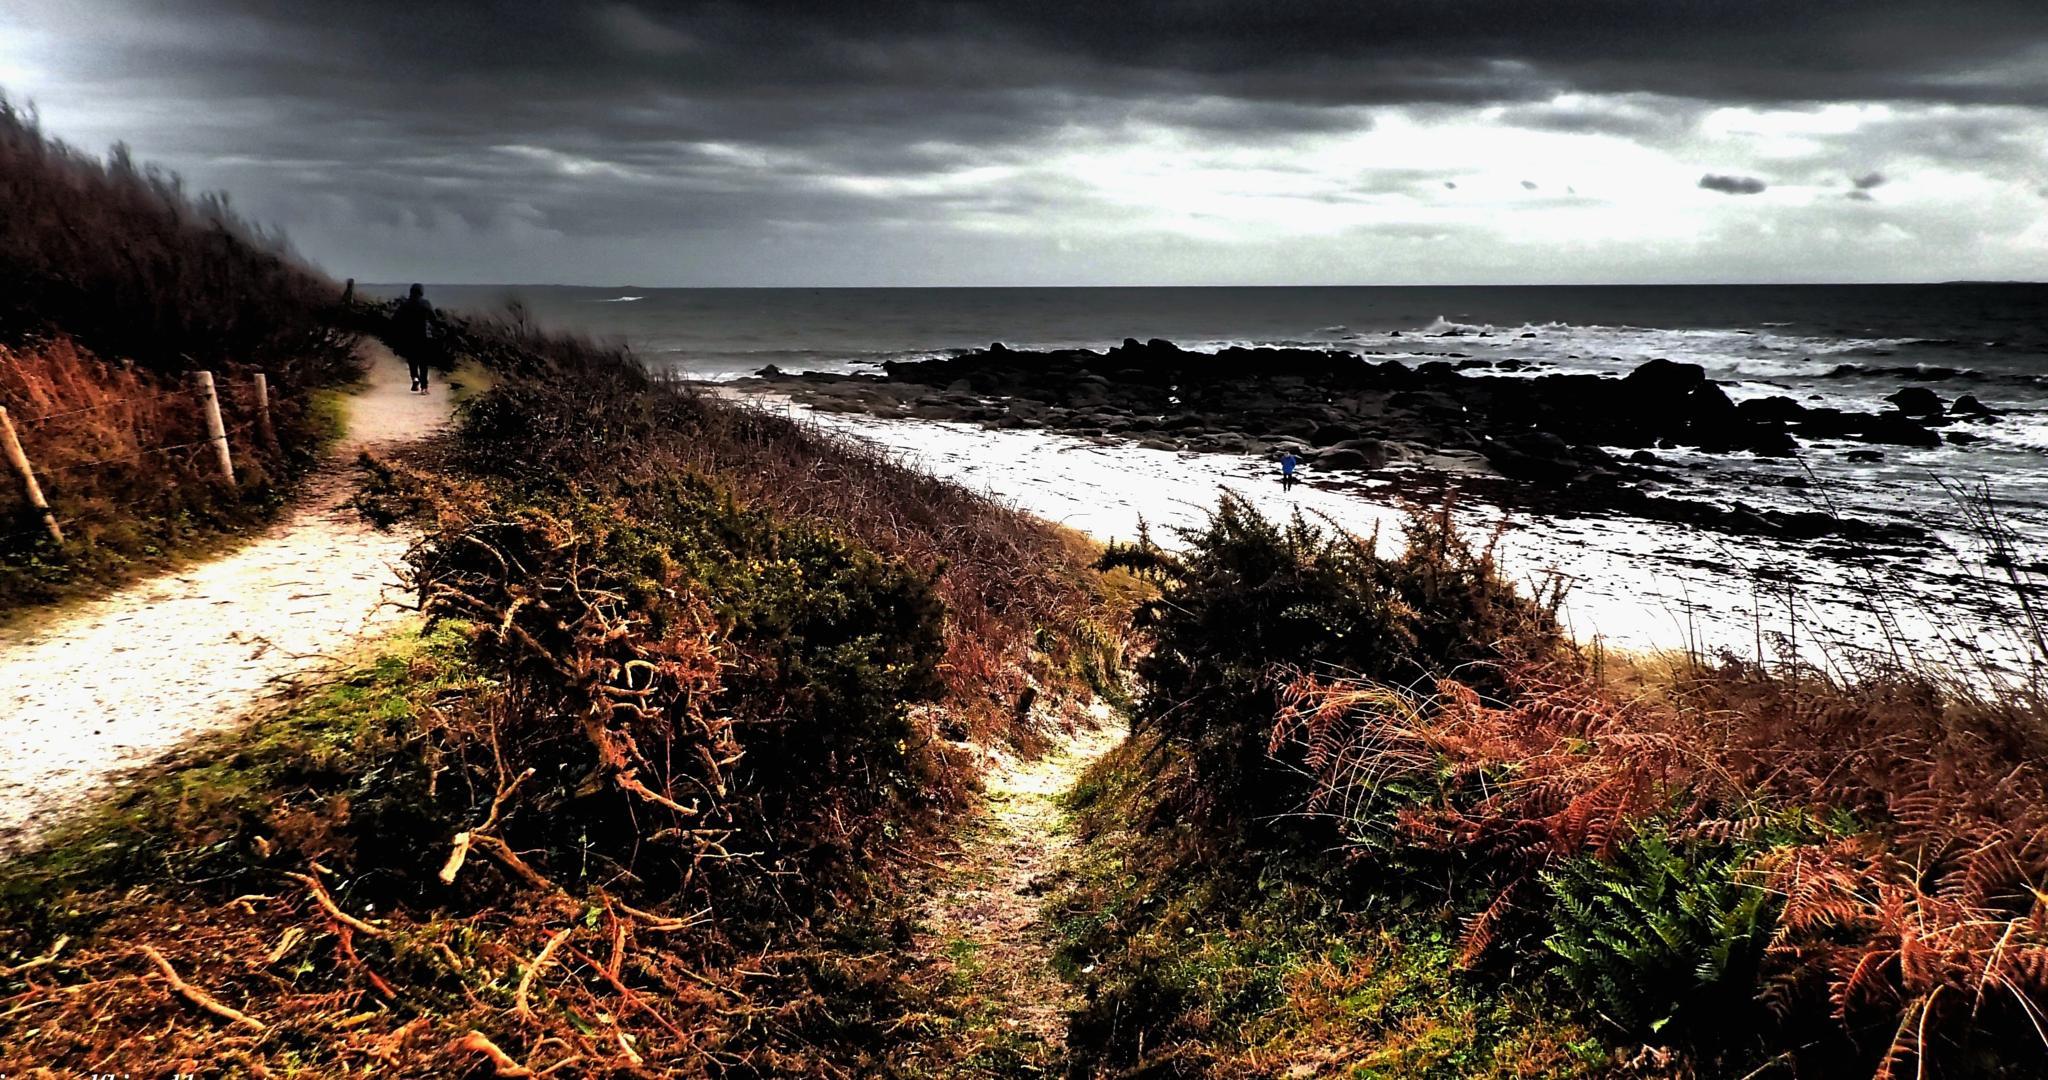 Photo de passage 160 by Jean-Paul Fhima